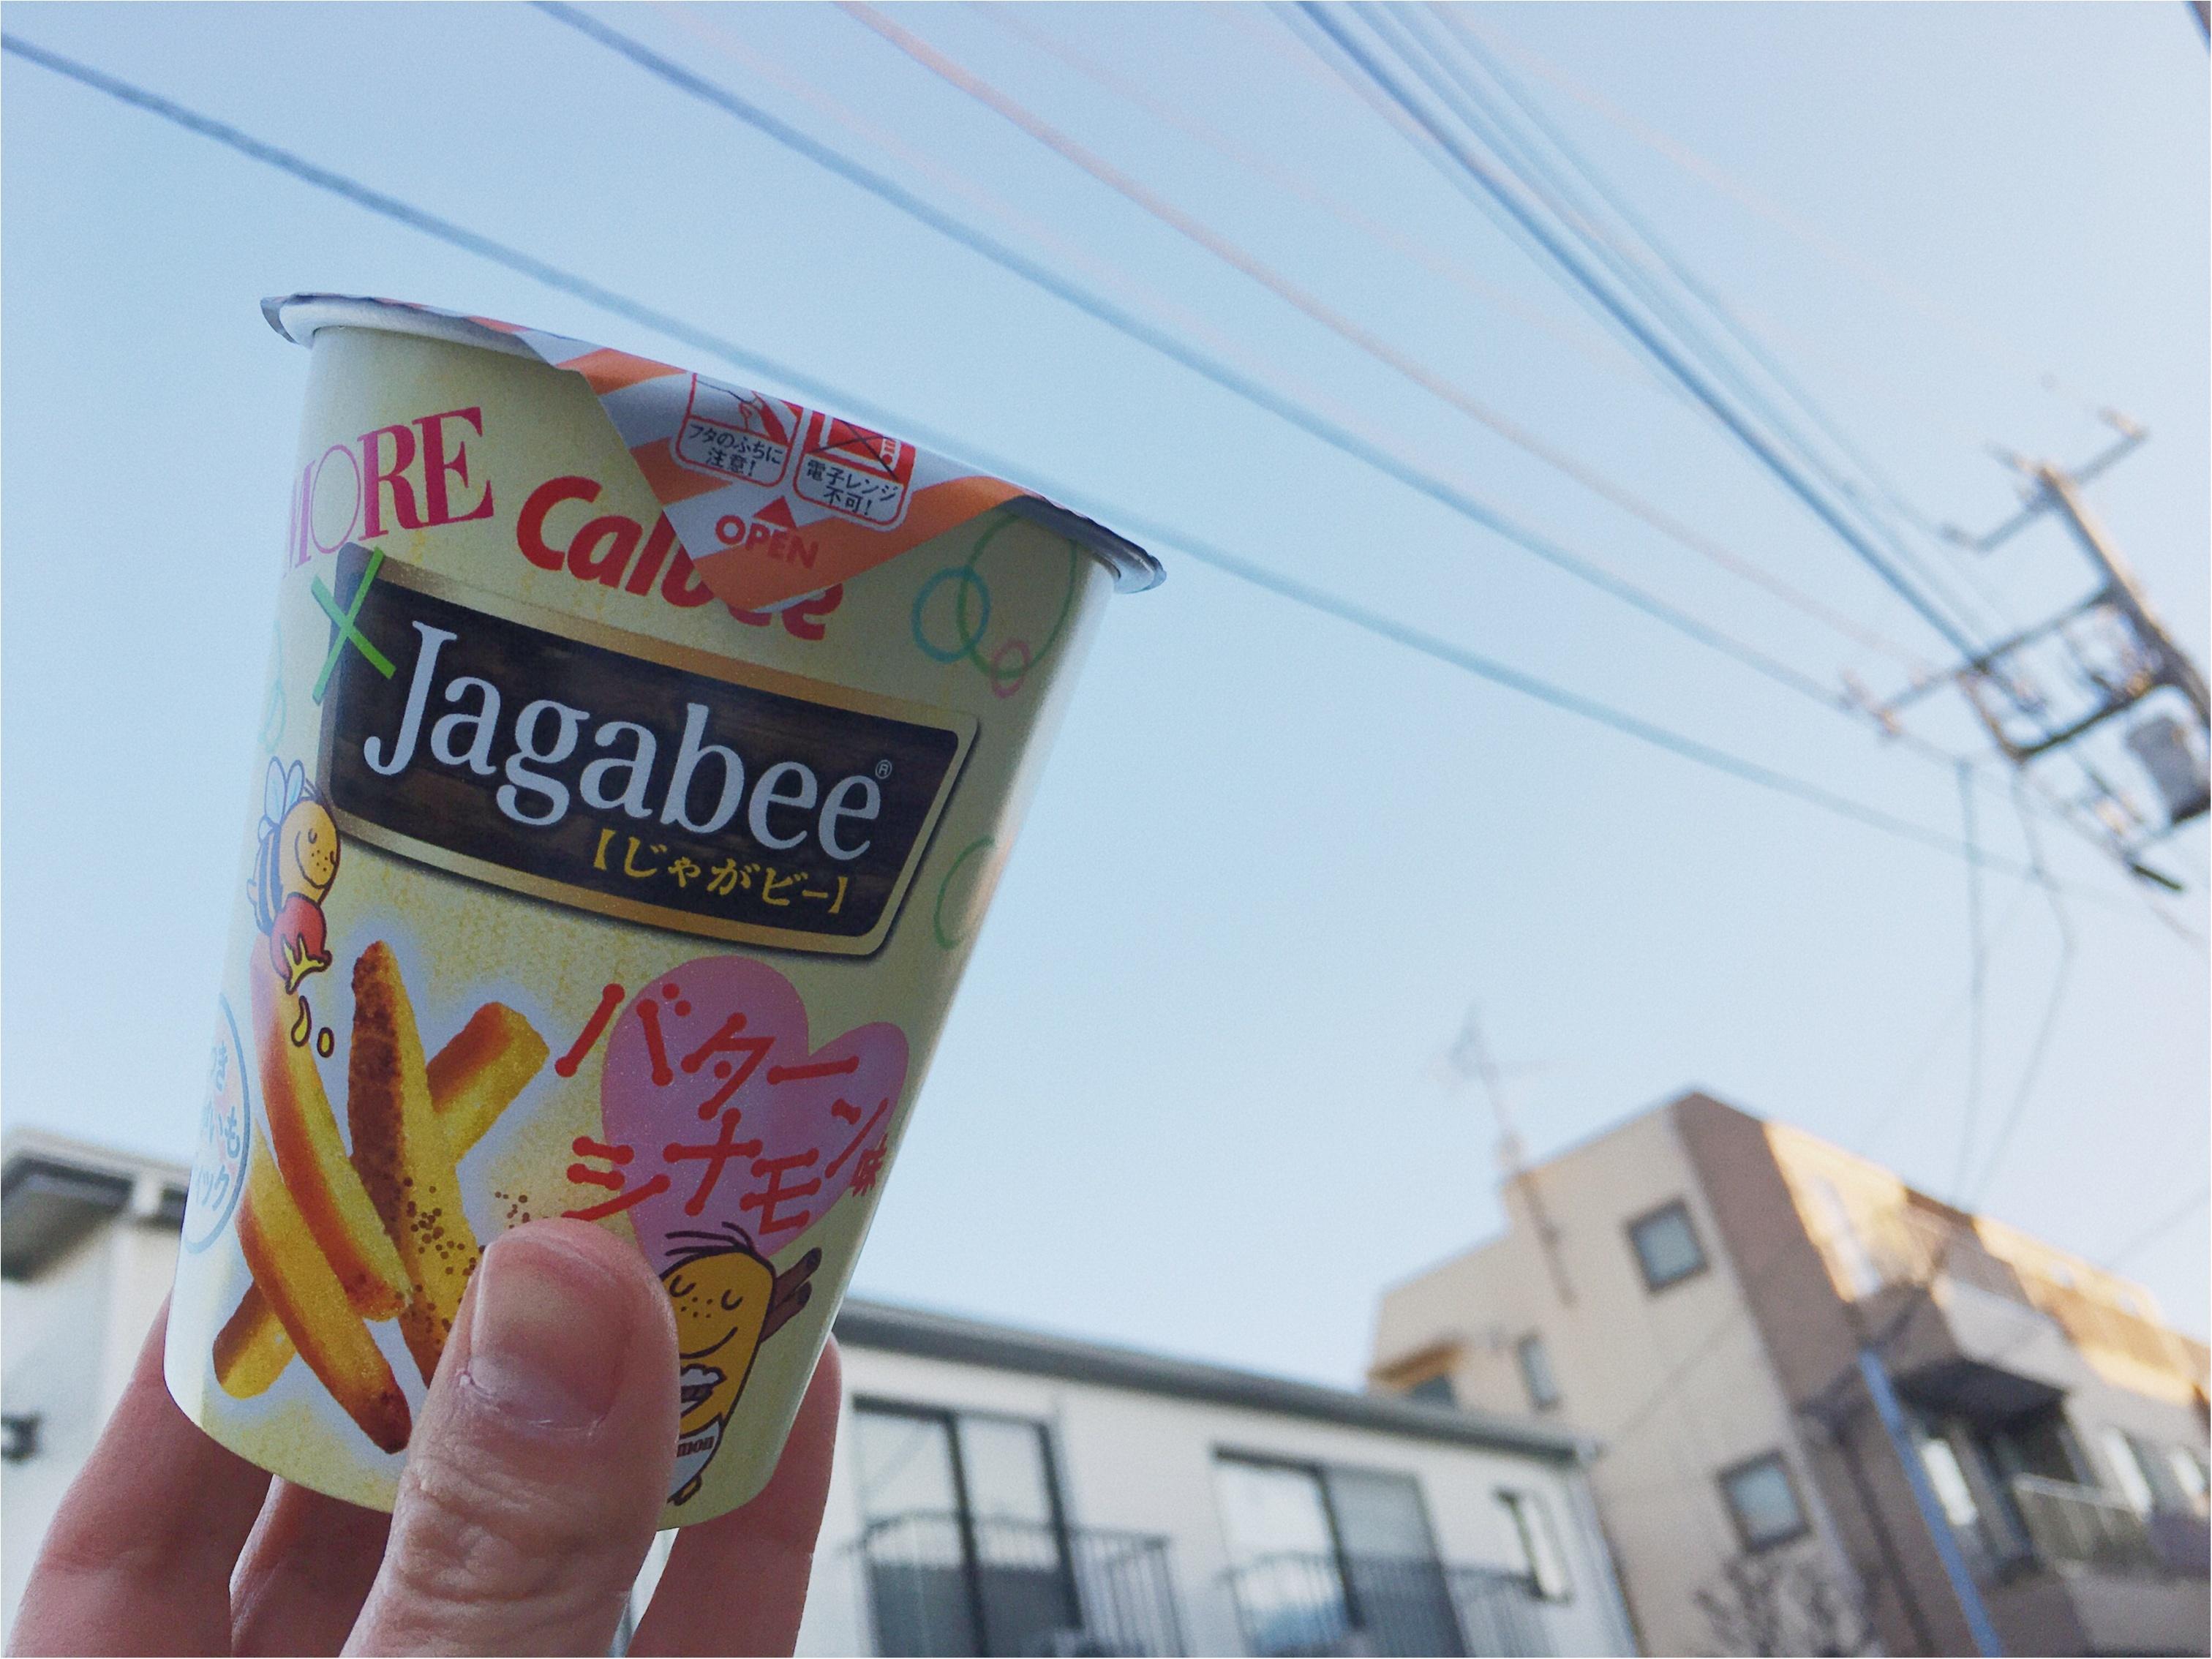 ★もう食べた?!わたしたちが作った新商品!『スイーツ系Jagabee』がコンビニで先行発売されてるんです!可愛いパッケージにもご注目!♡♡_1